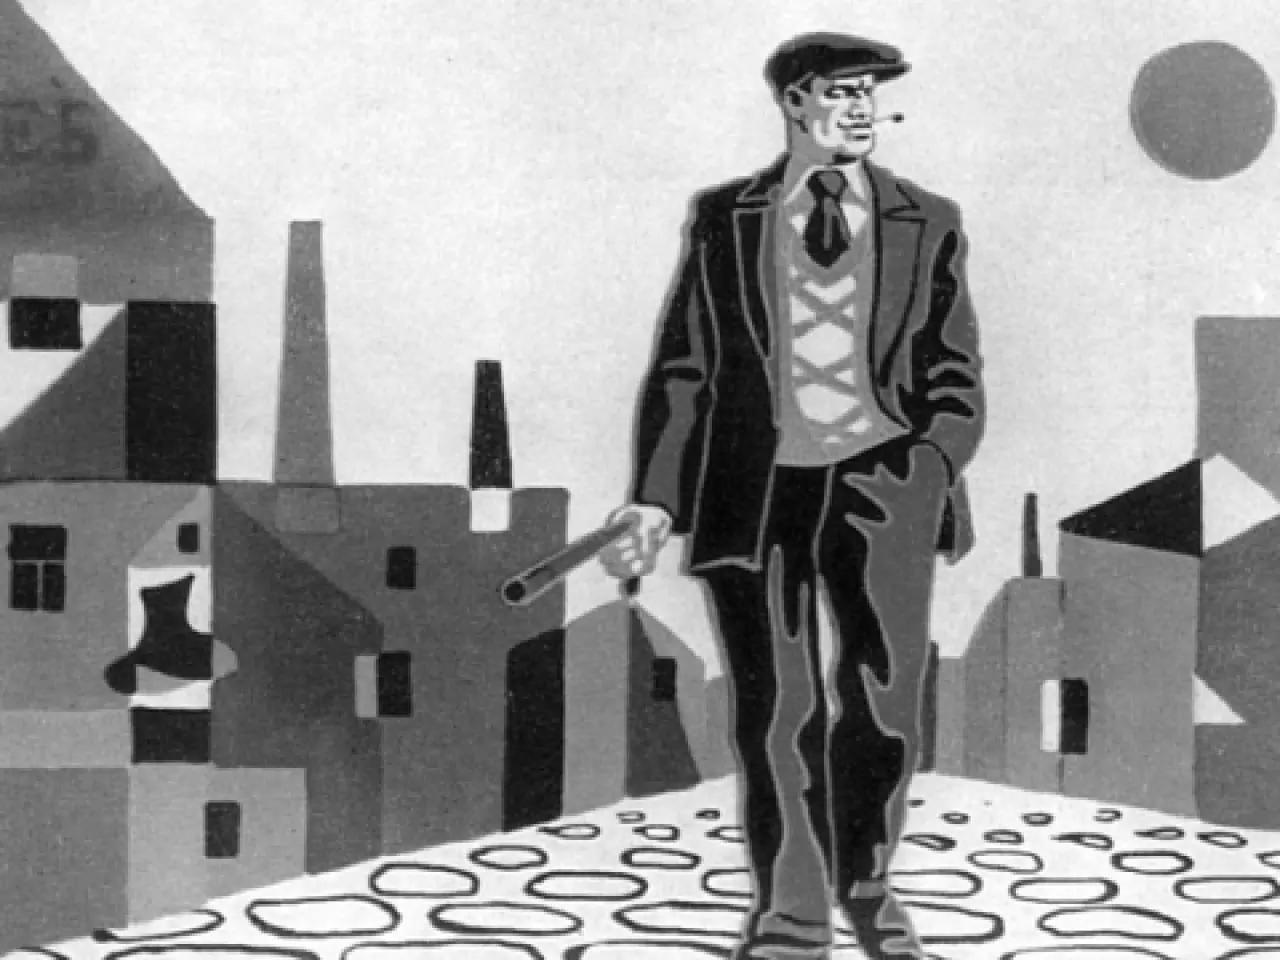 иллюстрации к произведениям маяковского картинки типы классификация